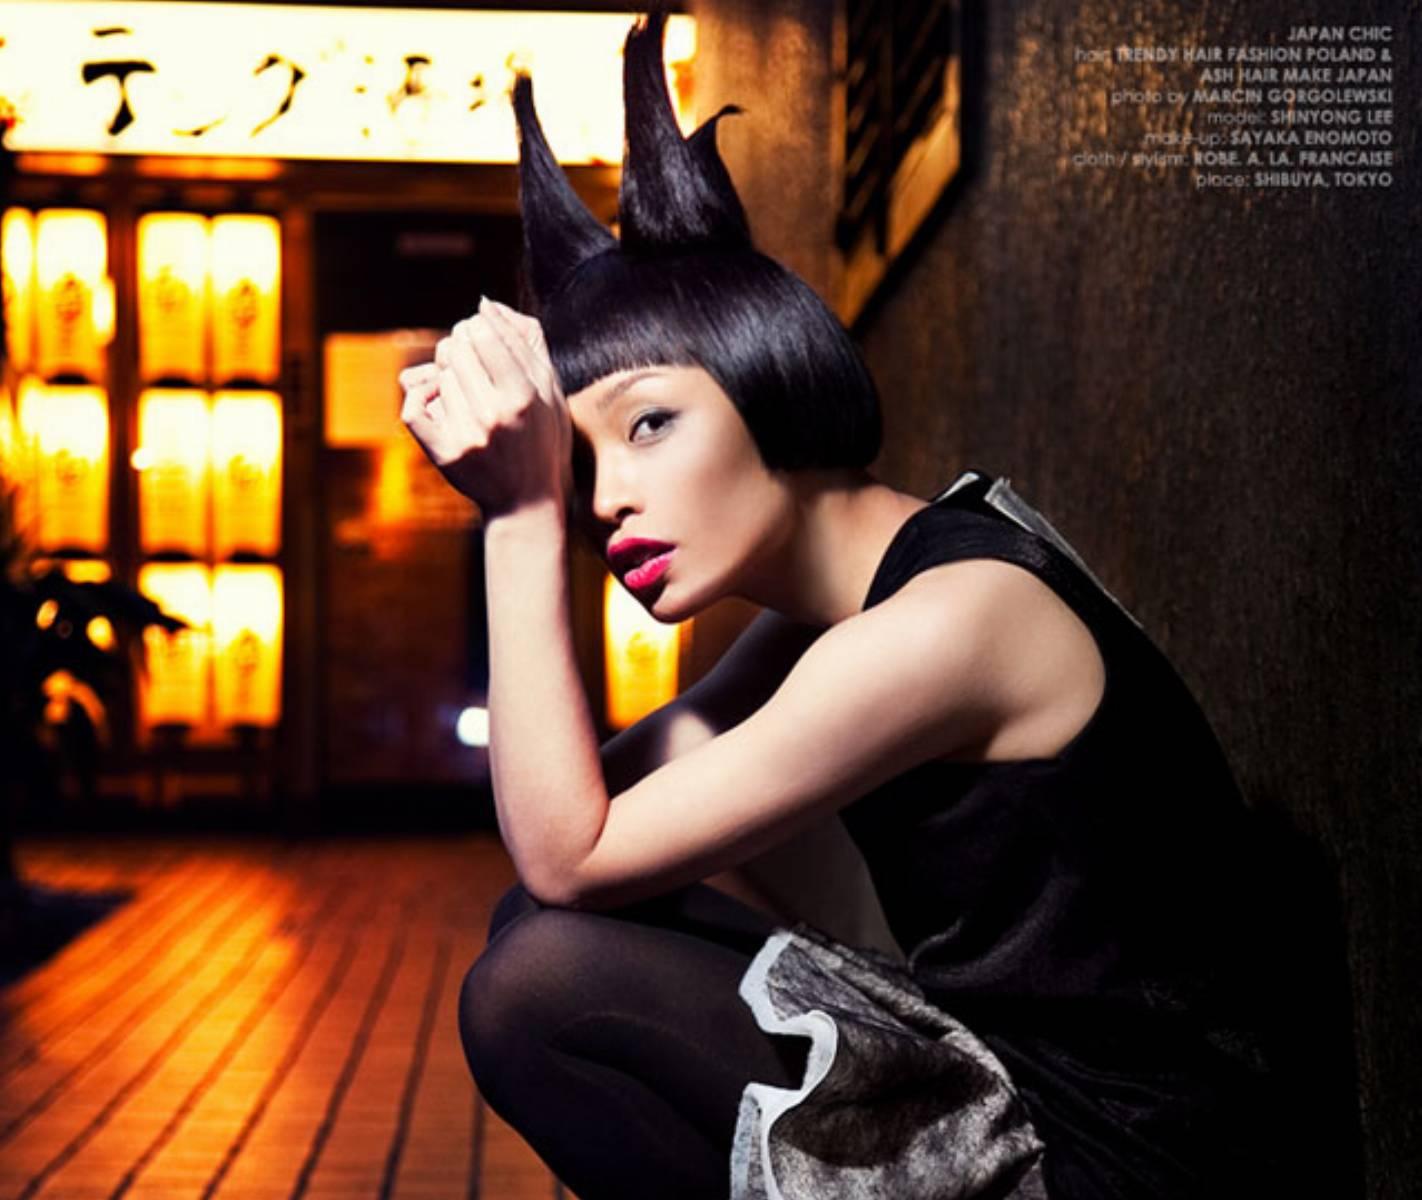 Japan Chic Trendy Hair Fashion (1)